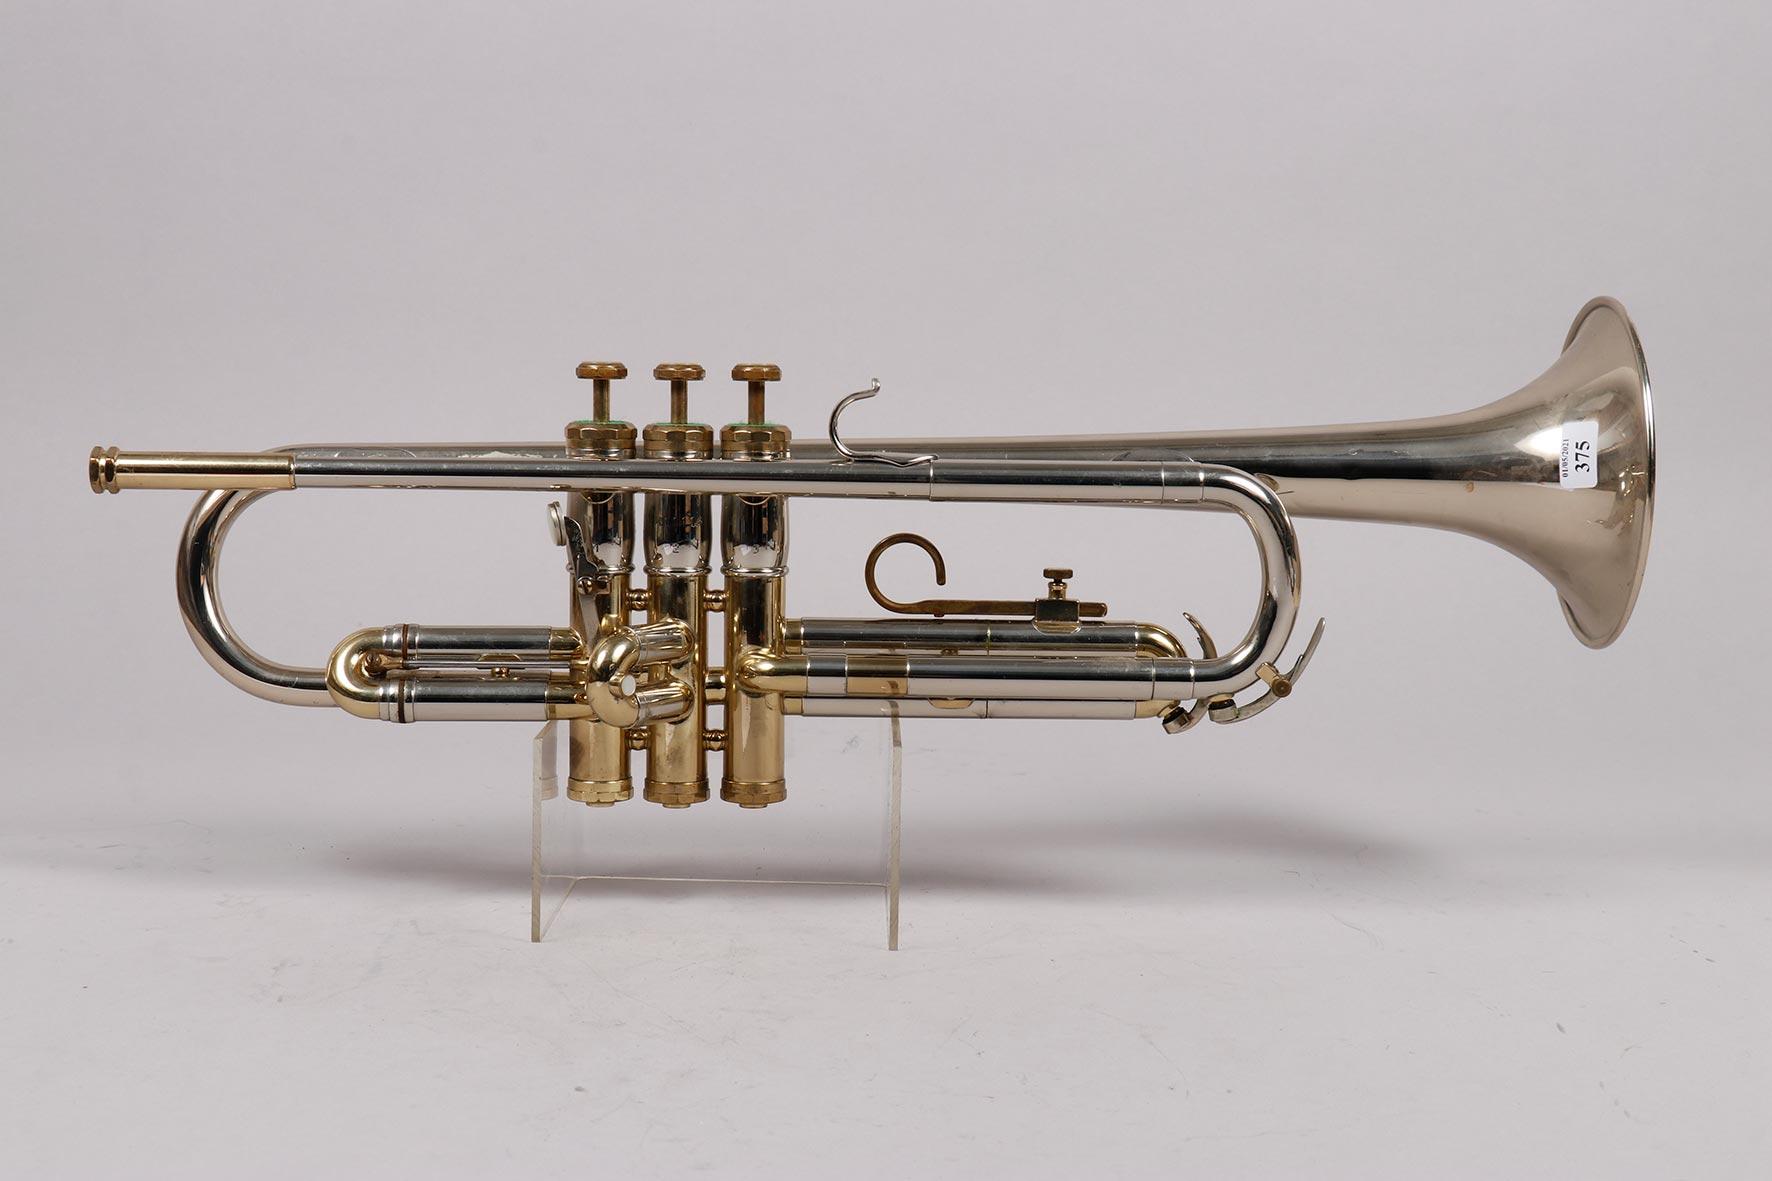 Trompette en laiton nickelé, à trois pistons, estampillée de OLDS Opéra by F.E. Olds and son Fullerton